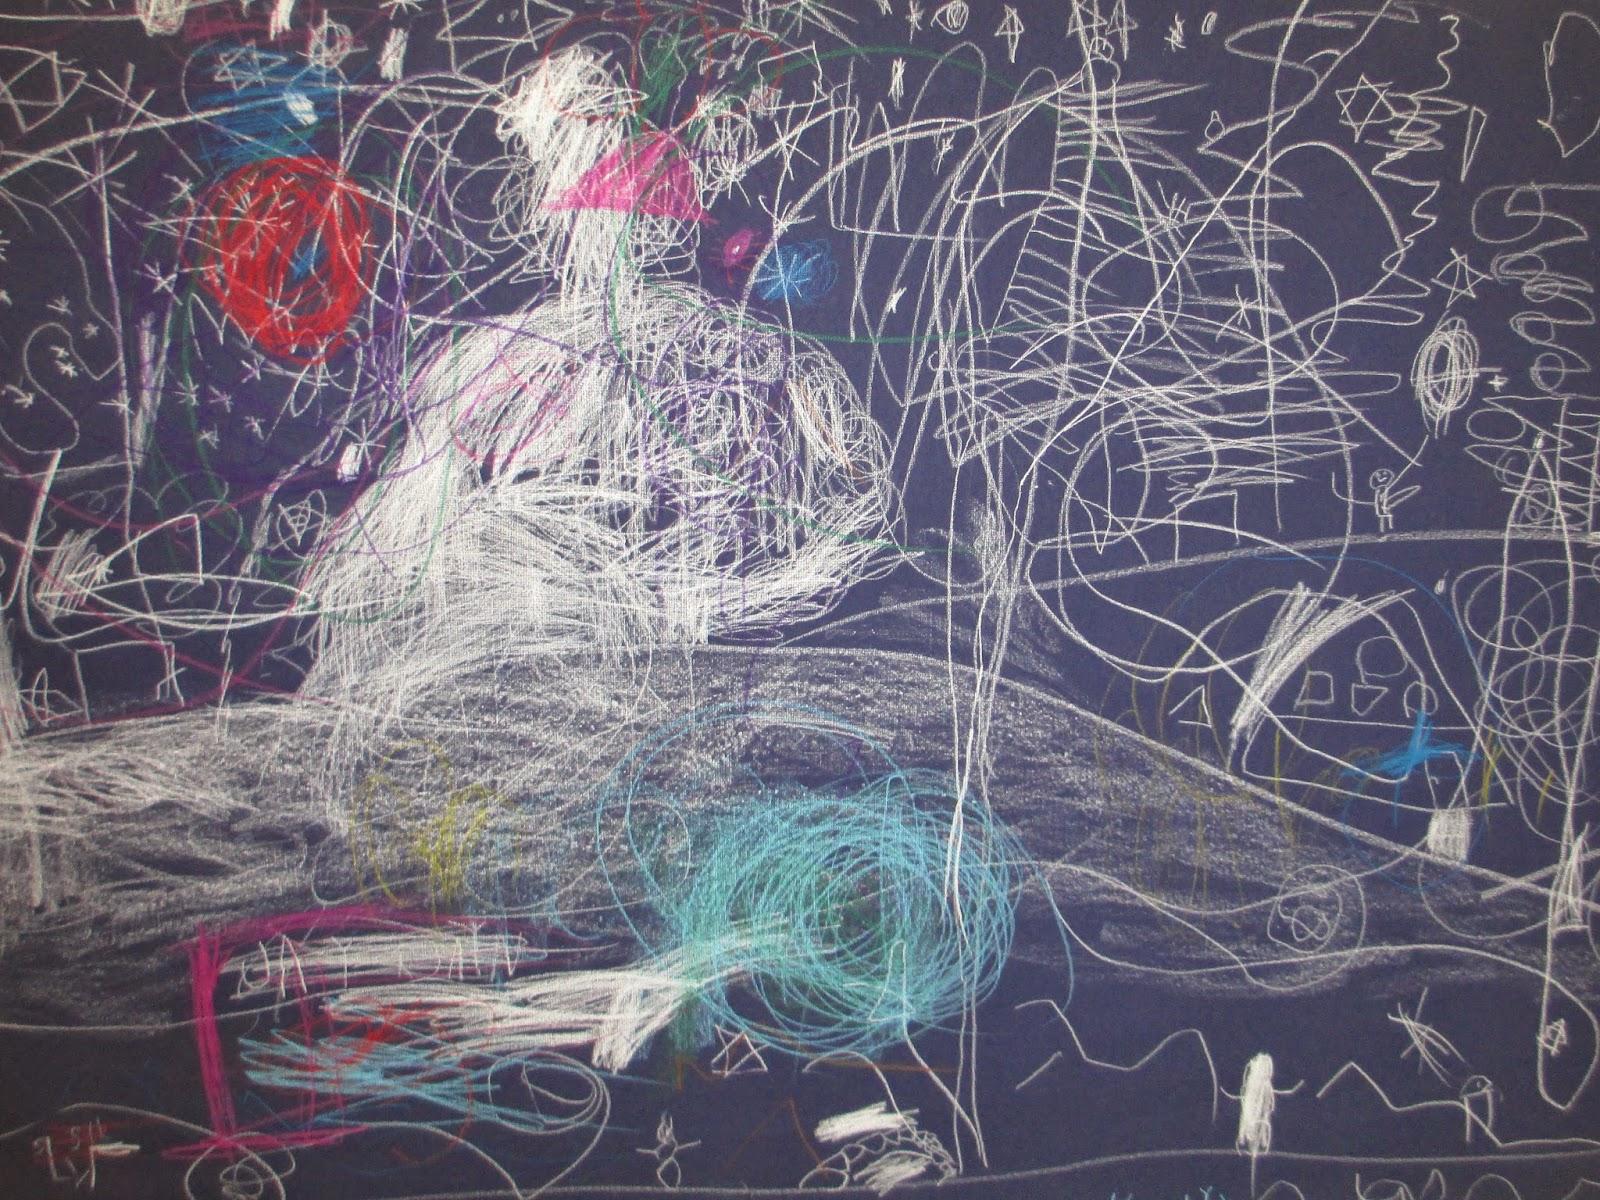 Winter Bild zeichnen mit Kindergartenkindern